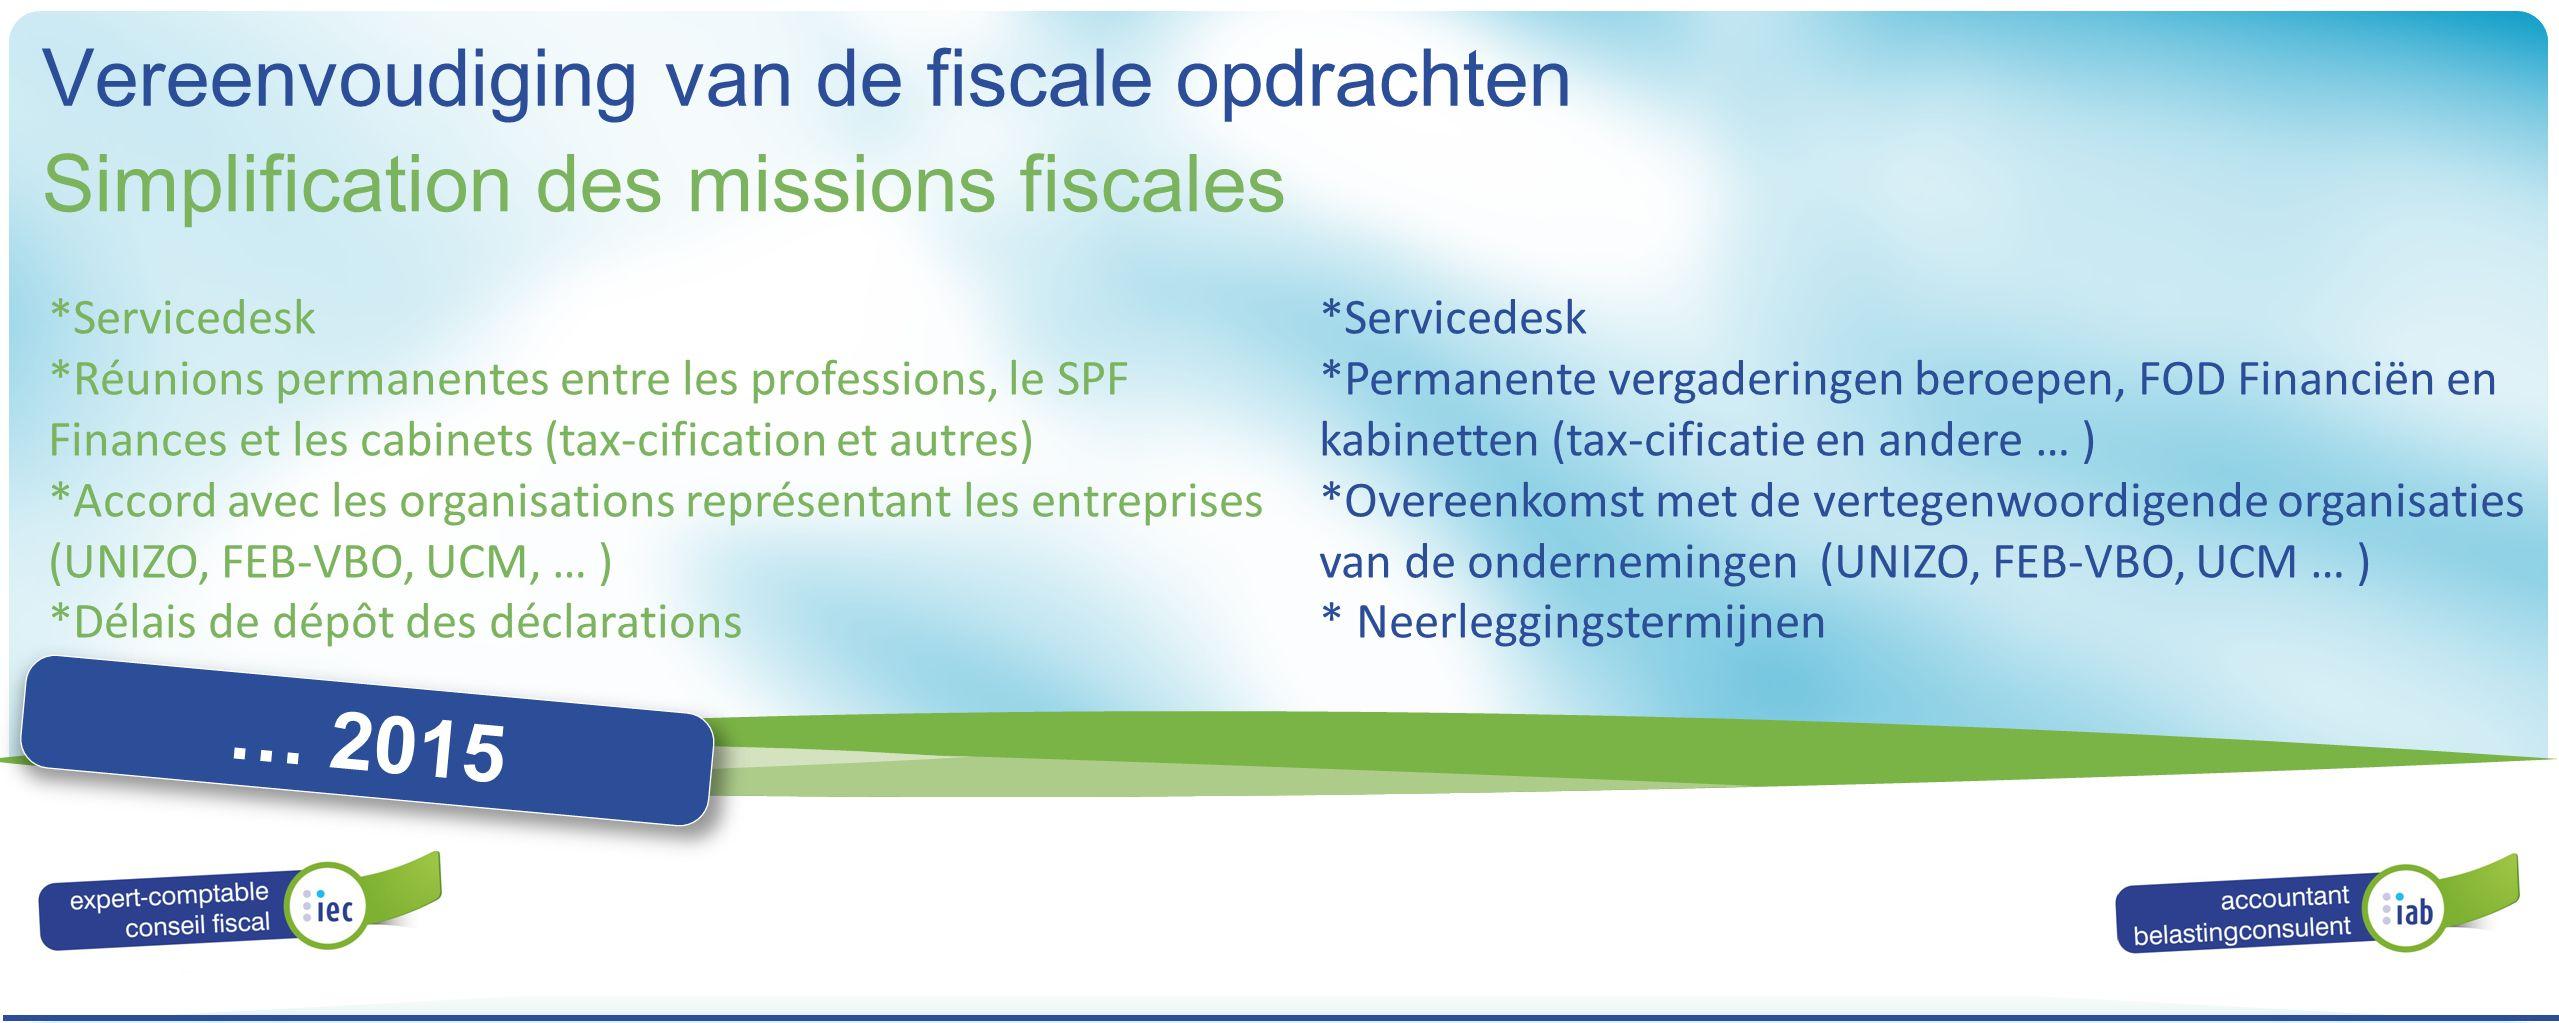 ALGEMENE VERGADERING ASSEMBLÉE GÉNÉRALE 2016 Simplification des missions fiscales Vereenvoudiging van de fiscale opdrachten … 2015 *Servicedesk *Réuni